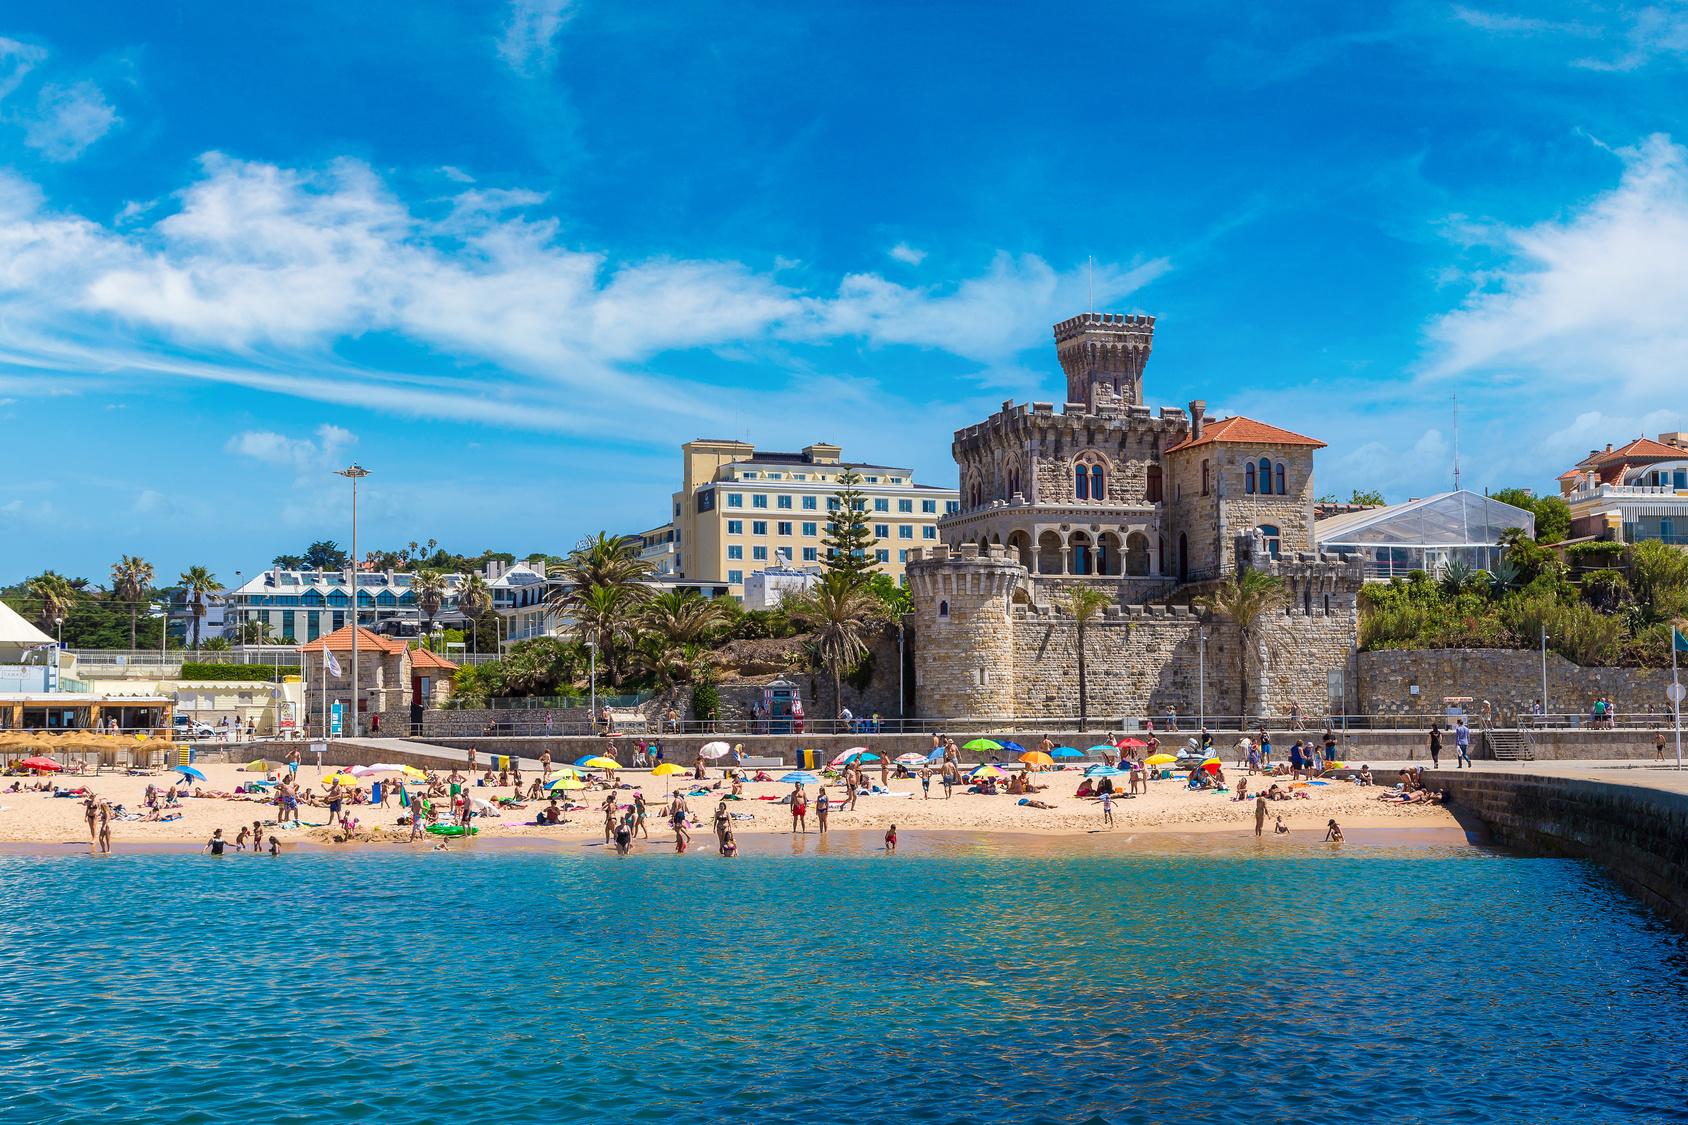 Wczasy i Wakacje na Wybrzeżu Lizbońskim - sprawdź!